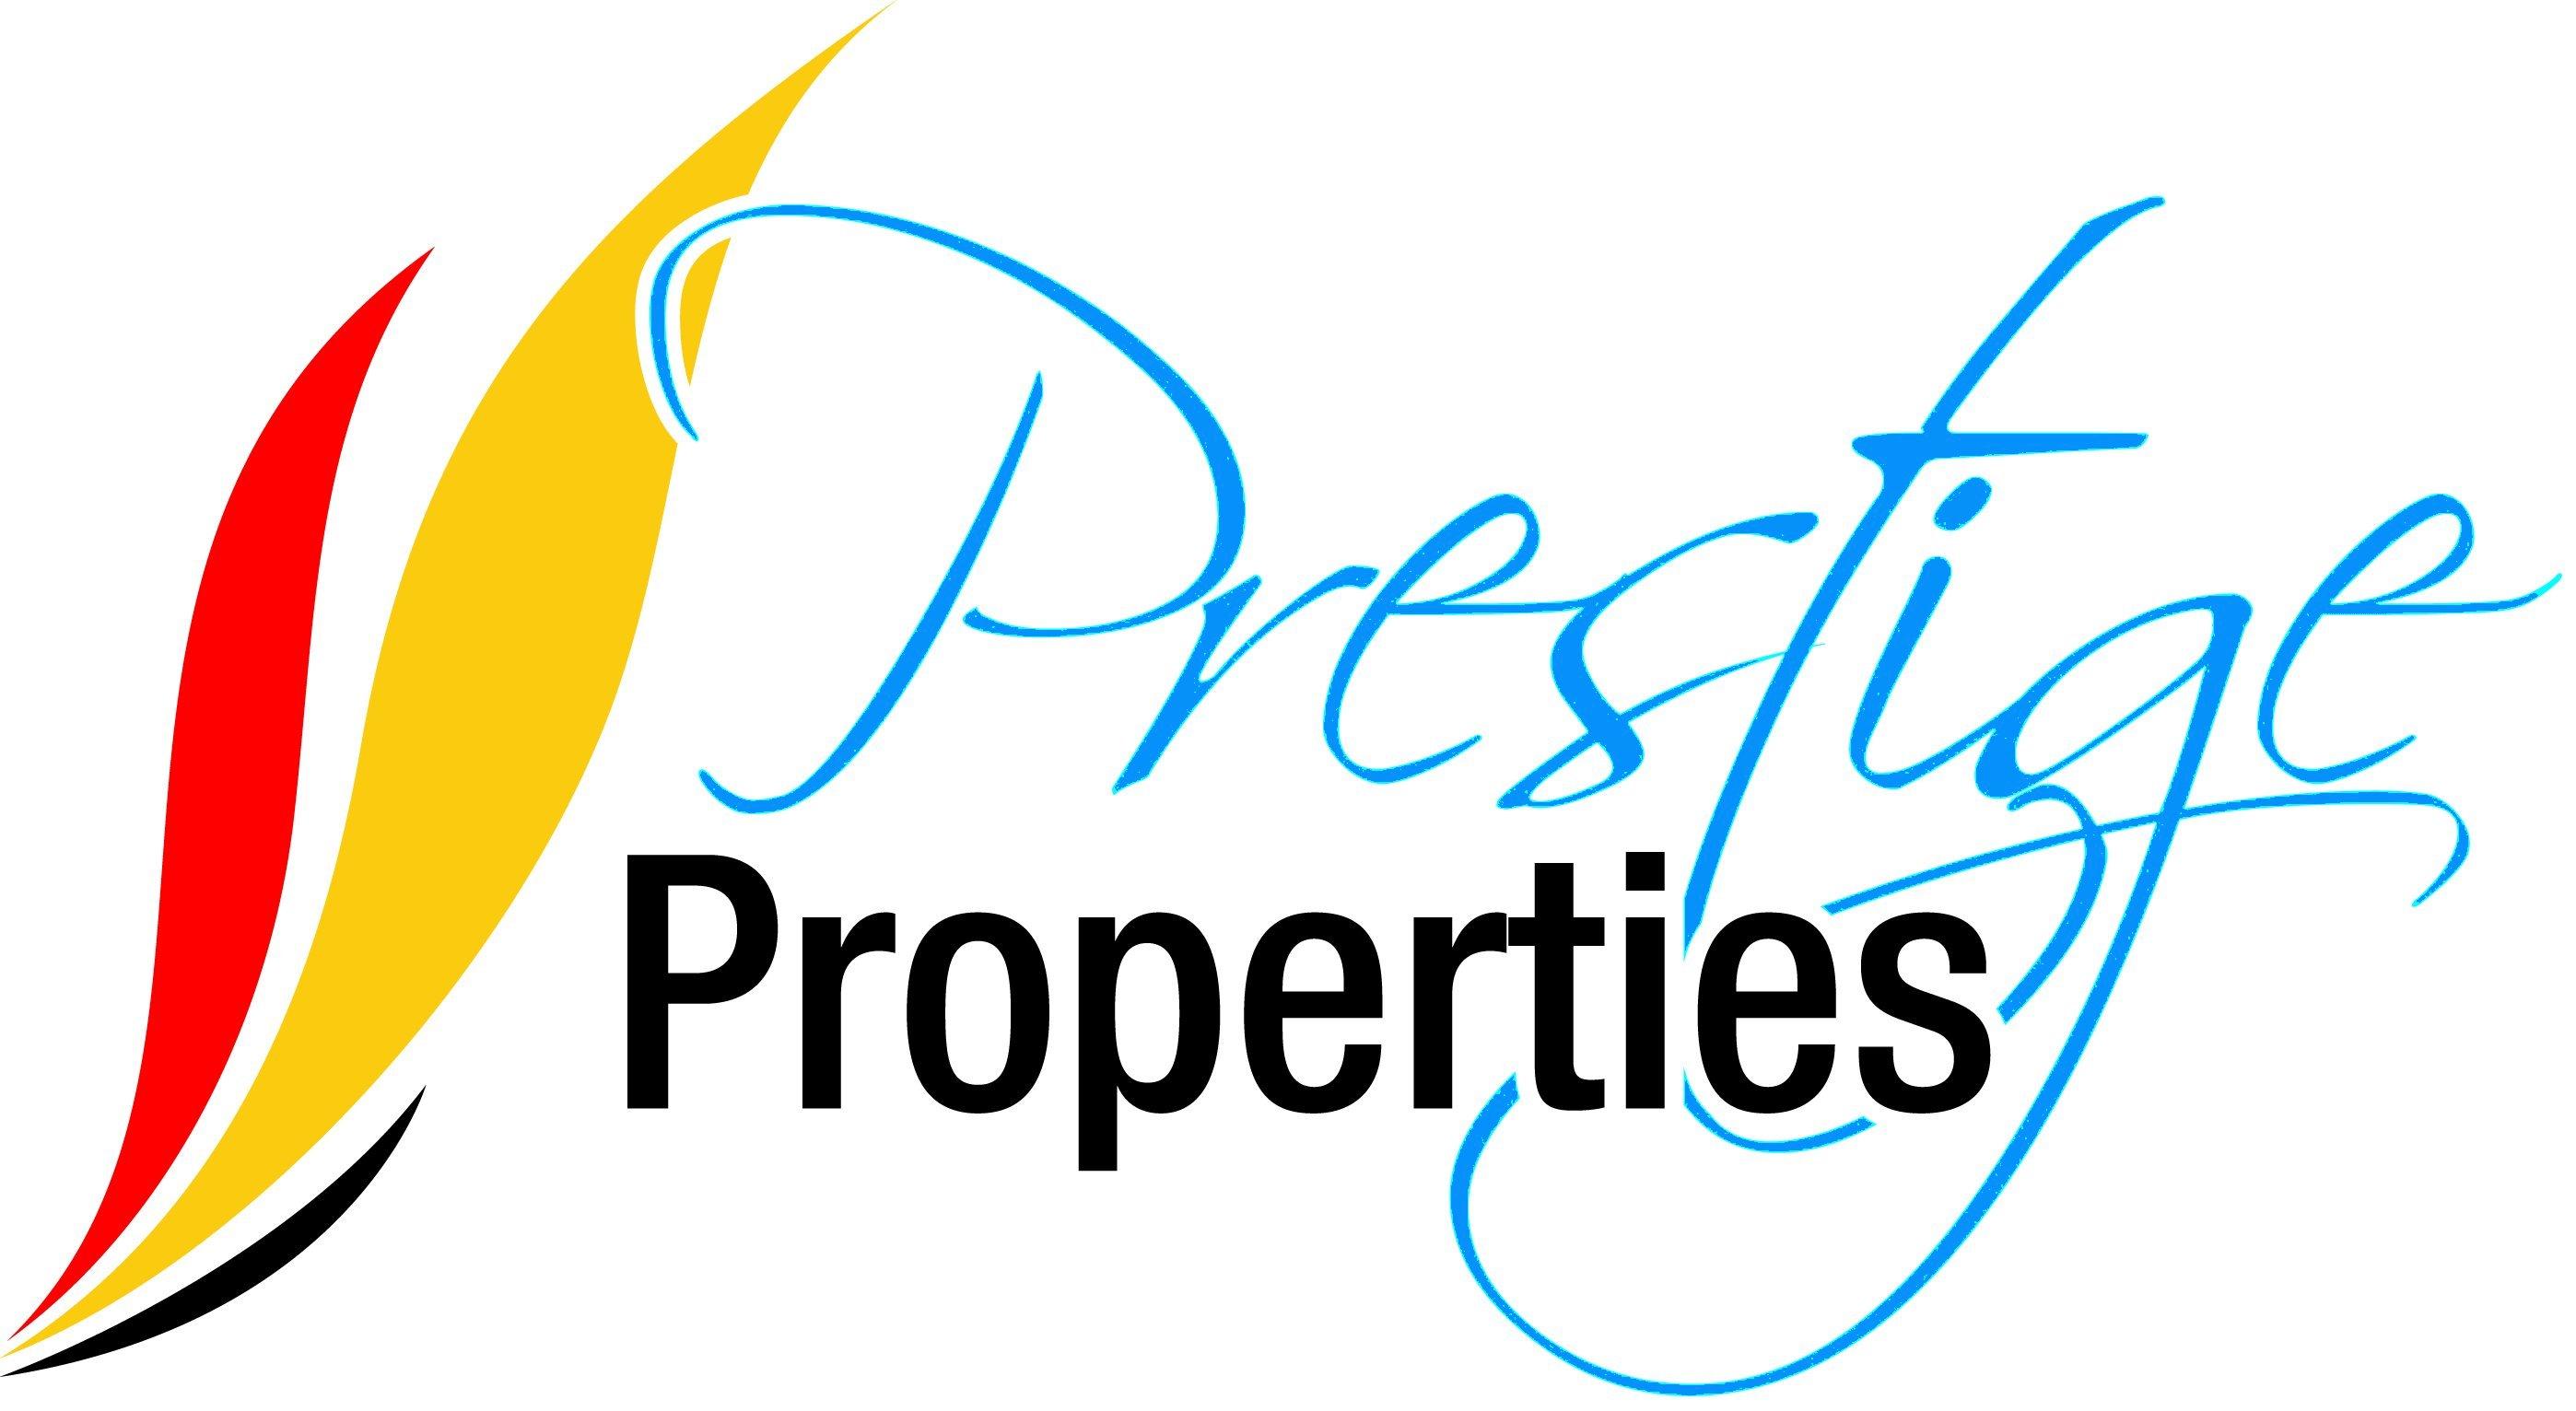 Prestige Properties Ltd